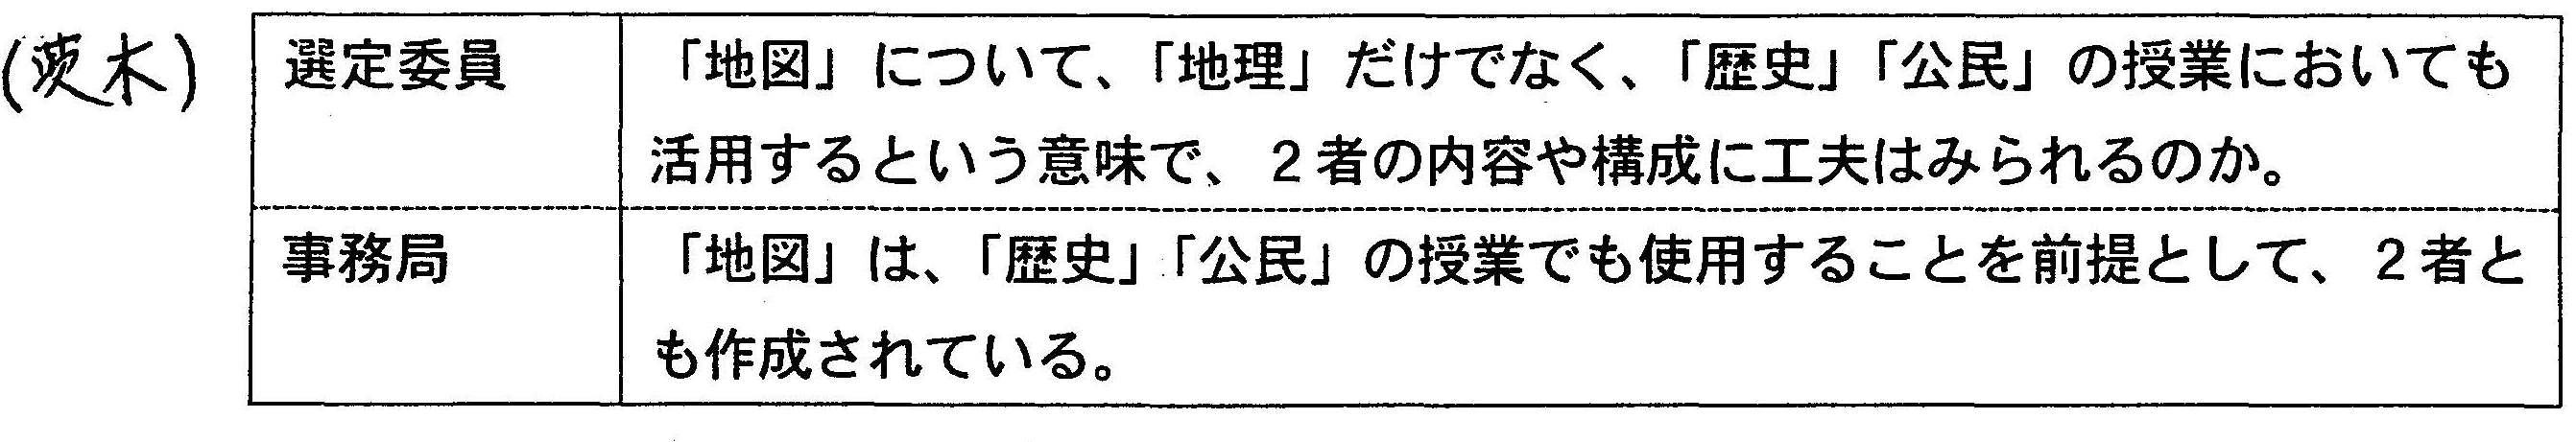 選定委員会4